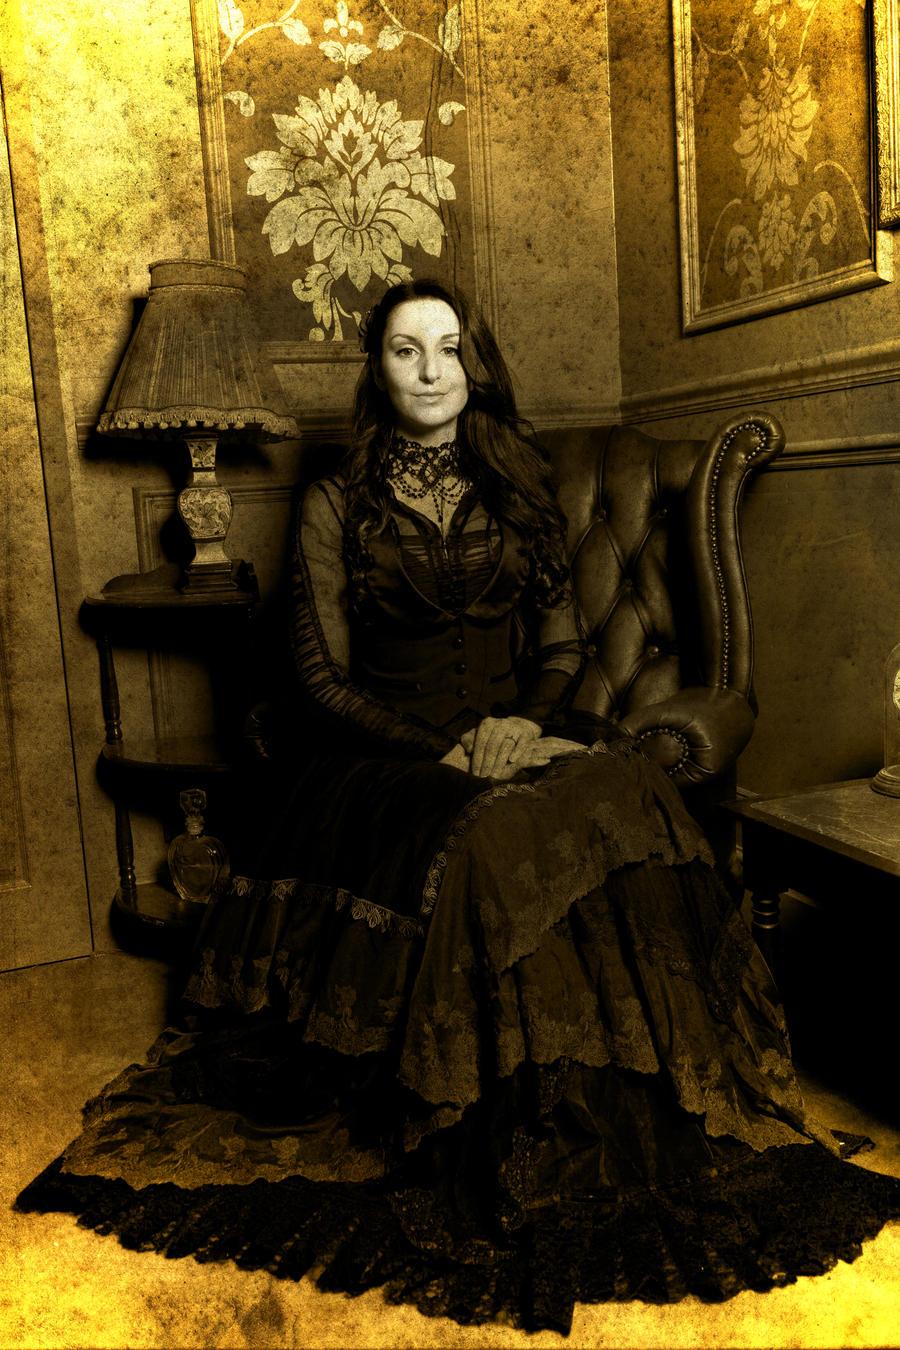 Victorian Gothic Portrait 2 By Ghosttrin On Deviantart